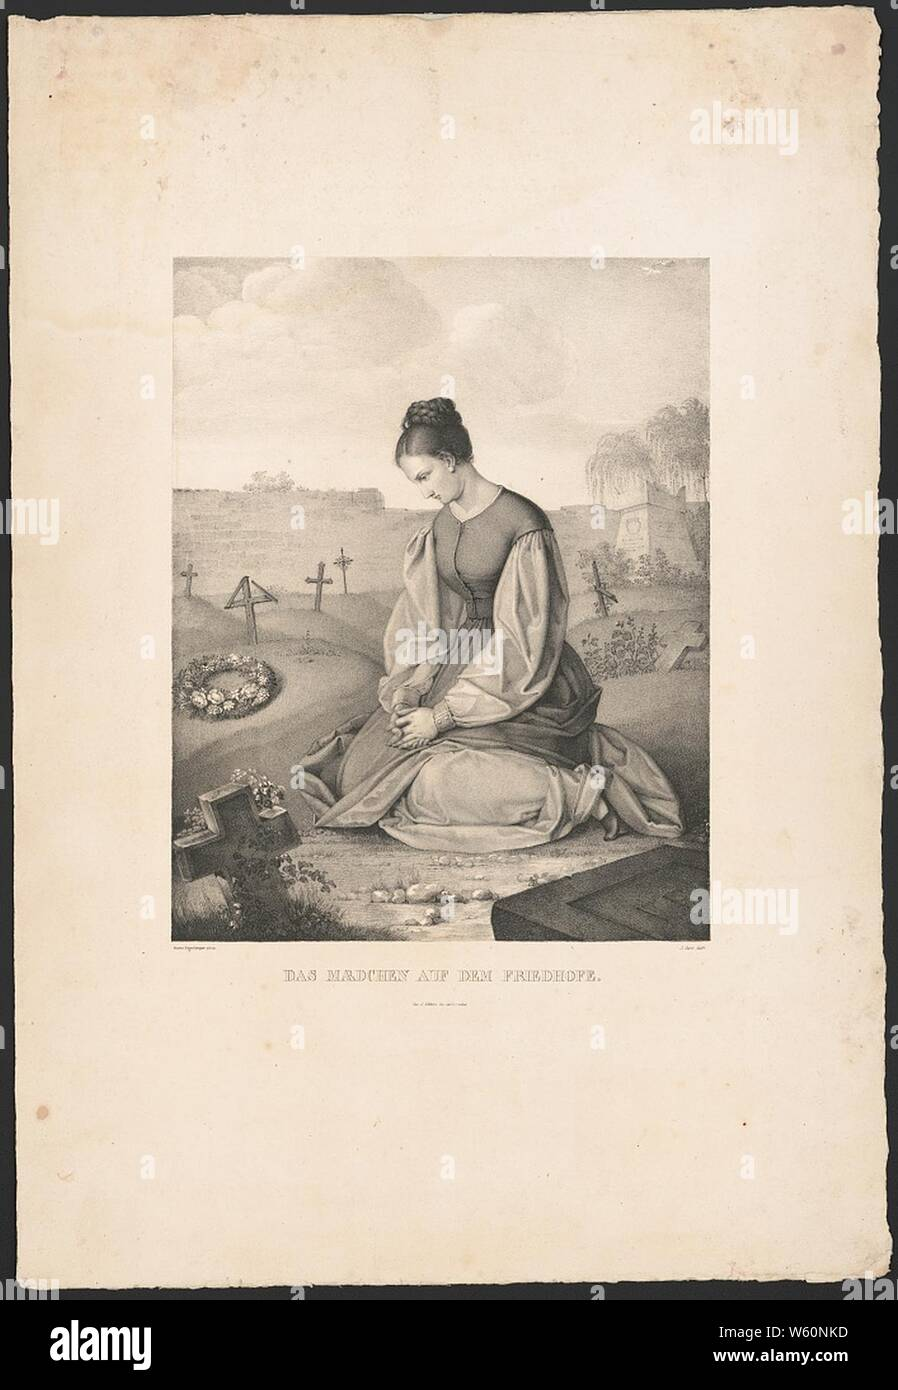 Das Mædchen auf dem Friedhofe (sic) - Gustav Dittenberger pinx. ; J. Oeri delt. Stock Photo